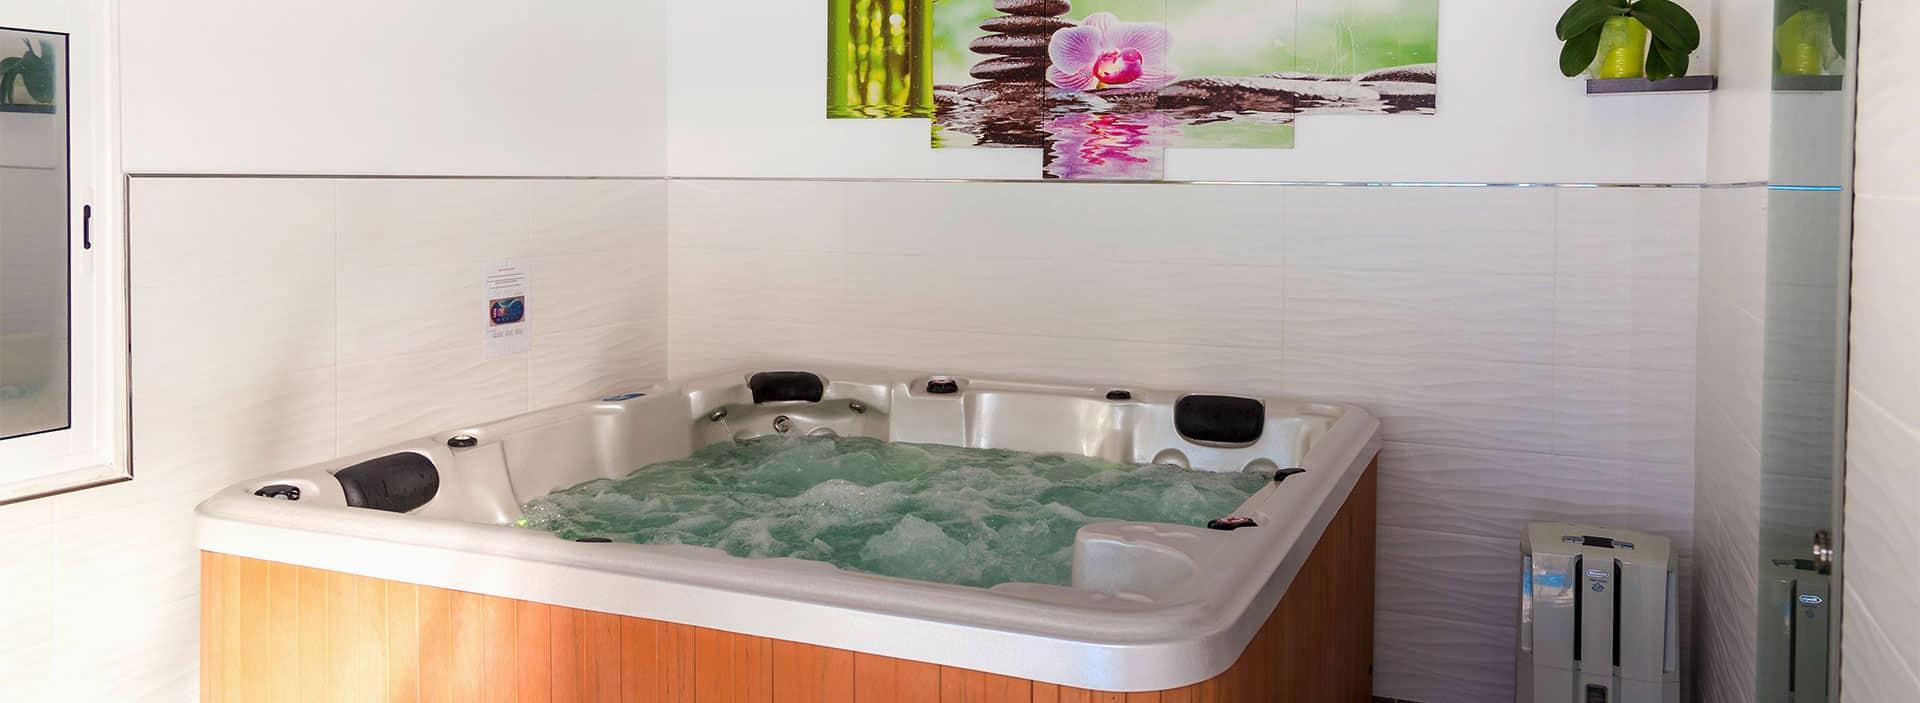 jacuzzi chambre d'hôtes spa de la sainte baume